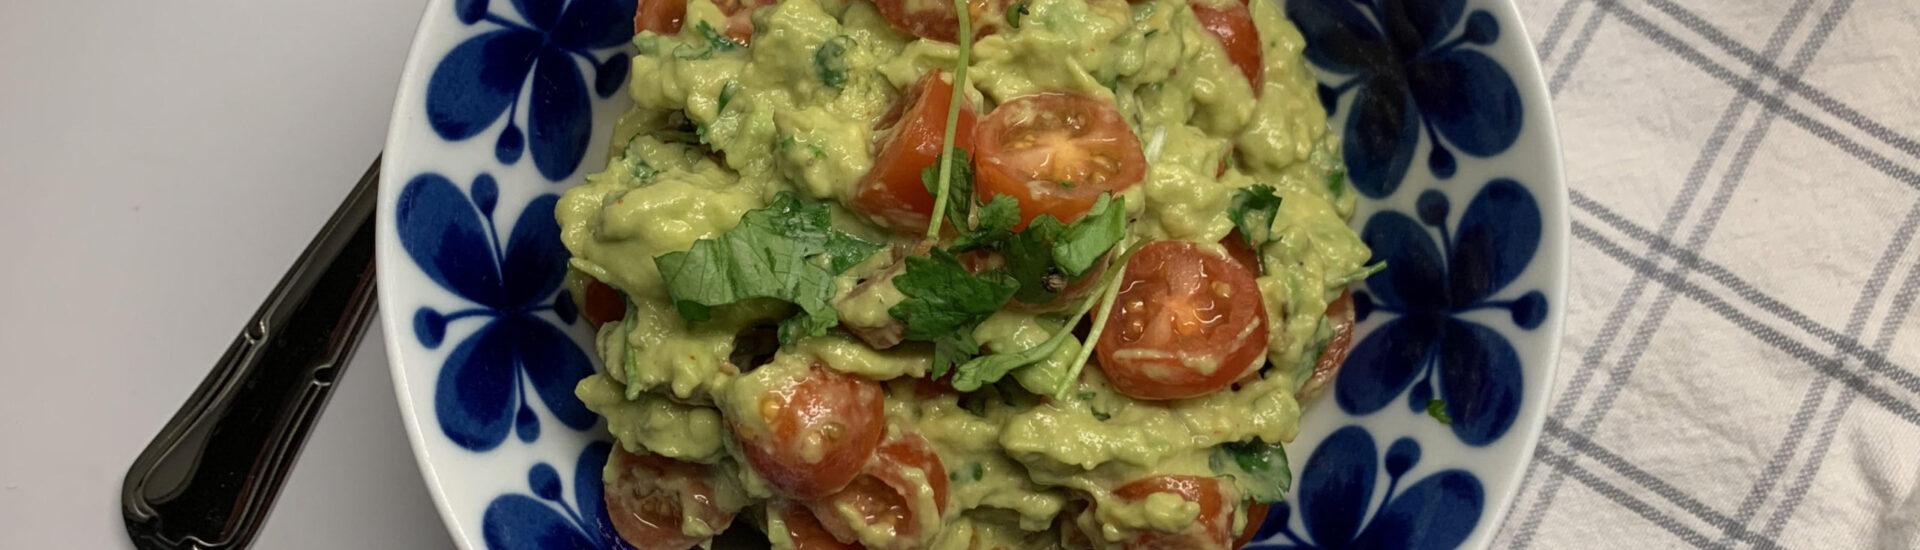 enkel guacamole